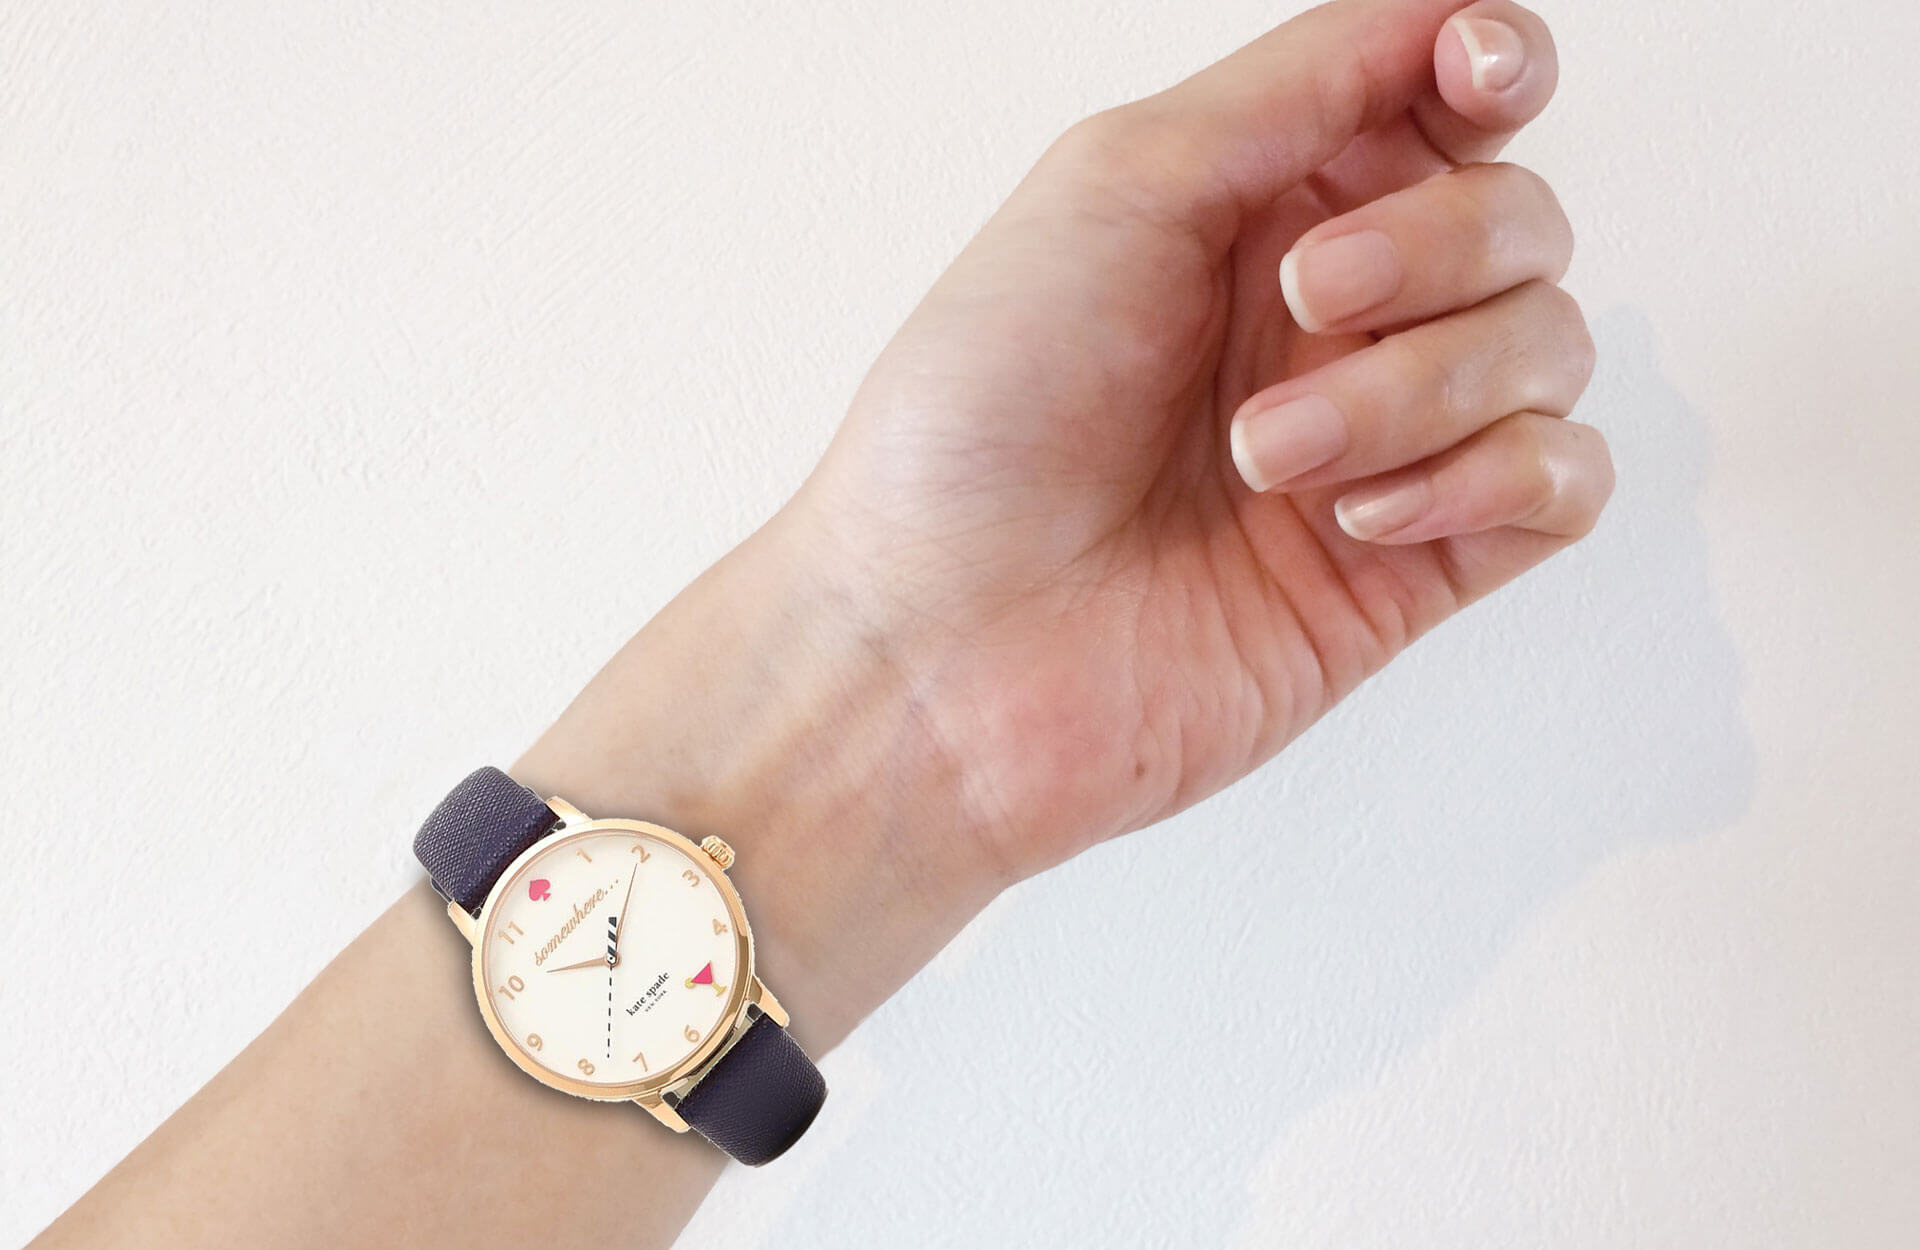 【絶対ほめられる】kate spade(ケイトスペード)のキュートな腕時計たち